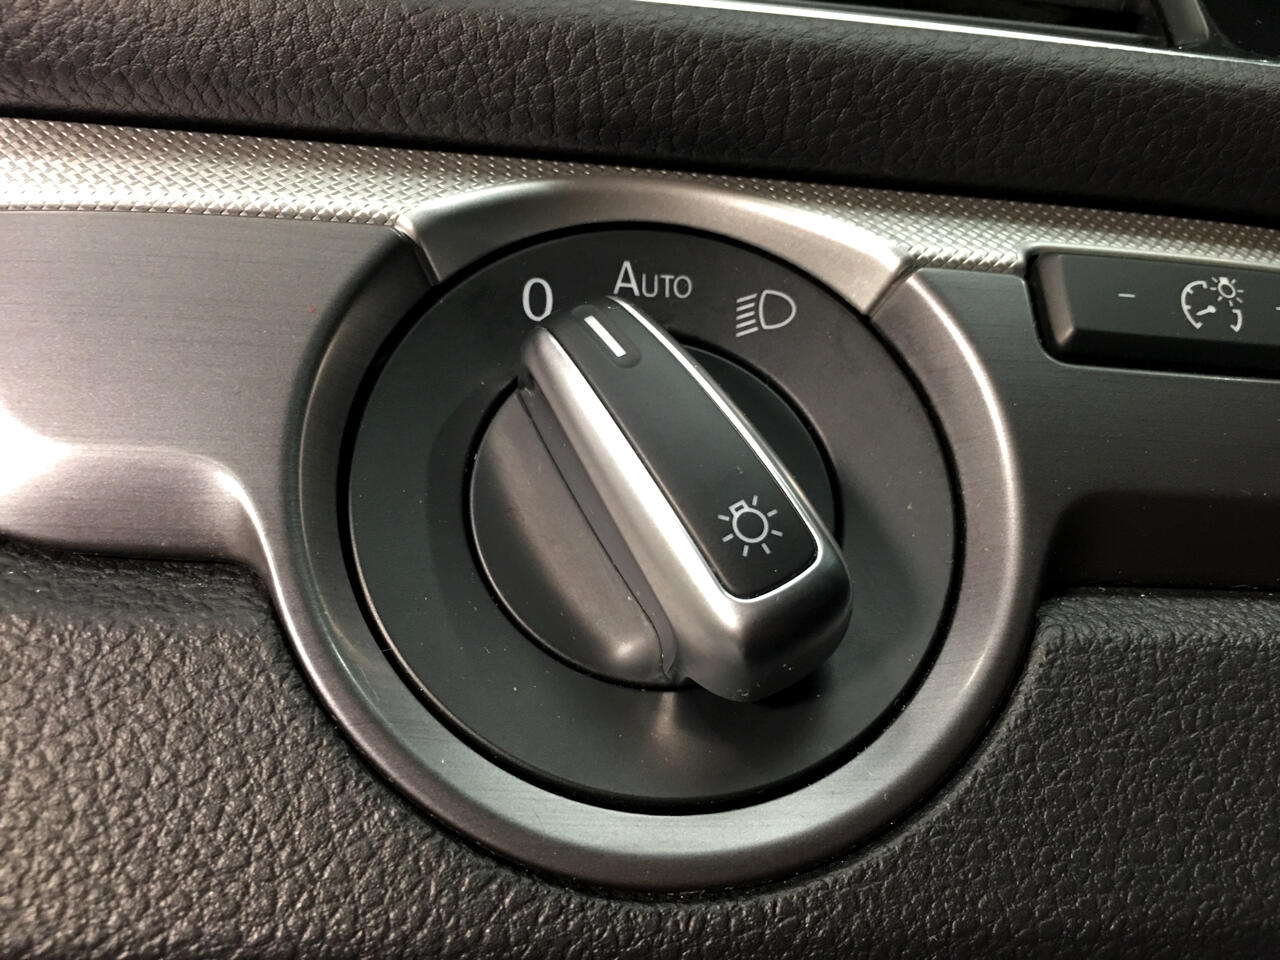 Pre-Owned 2018 Volkswagen Passat R-Line